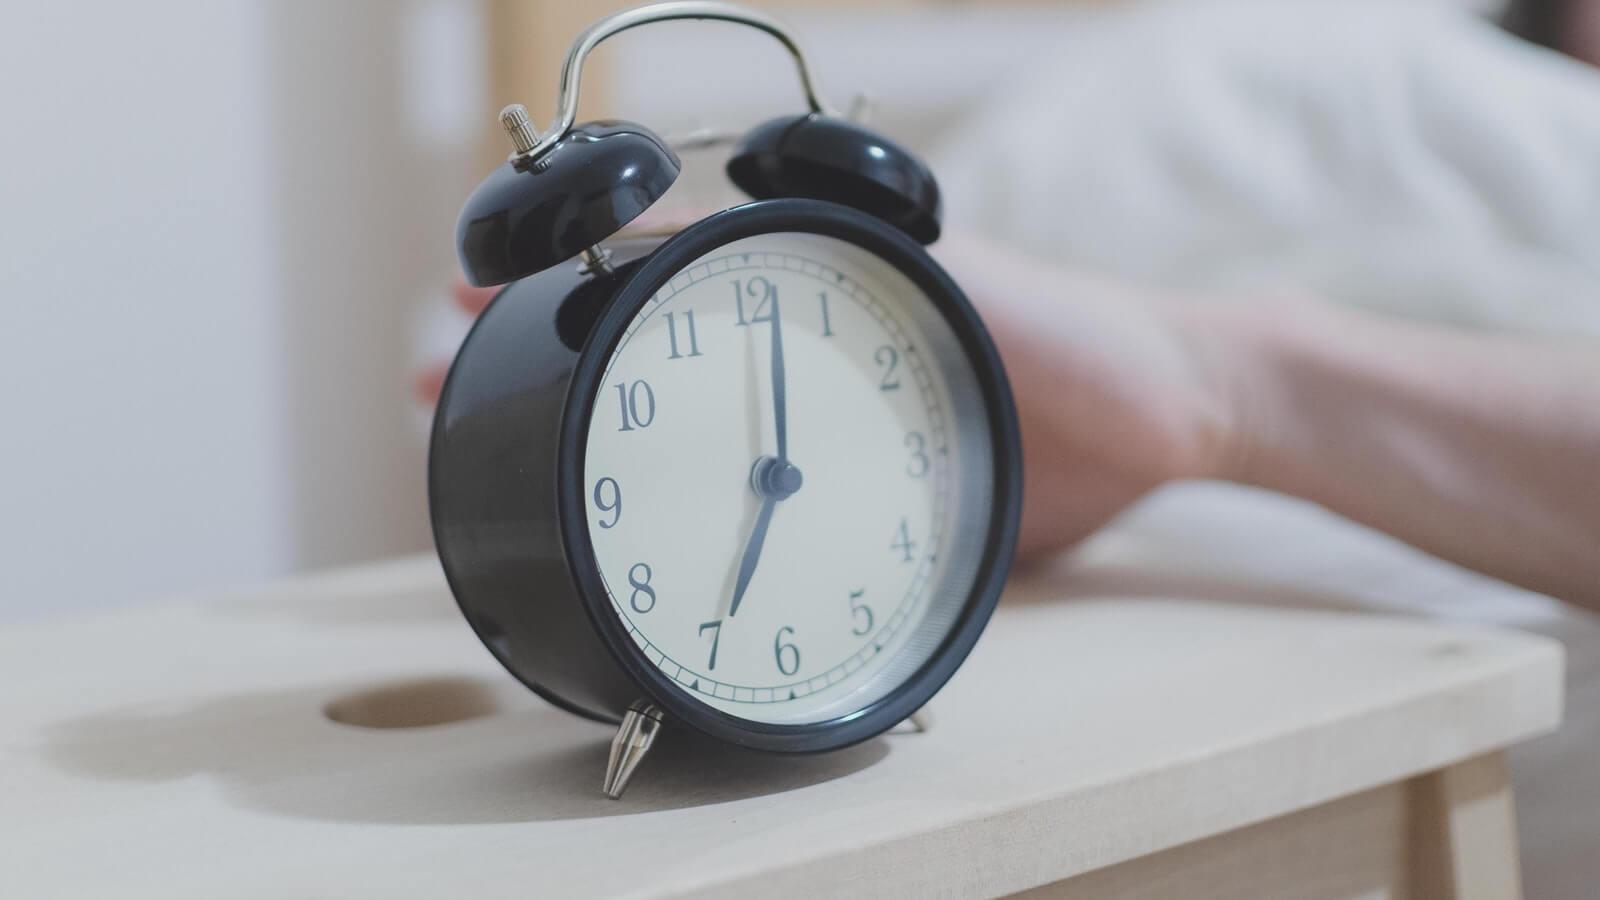 Uyanmak Çok Zor Biliyoruz! Tüm Zorluklara Rağmen İşte O Derse Katılmanız İçin 9 Sebep!